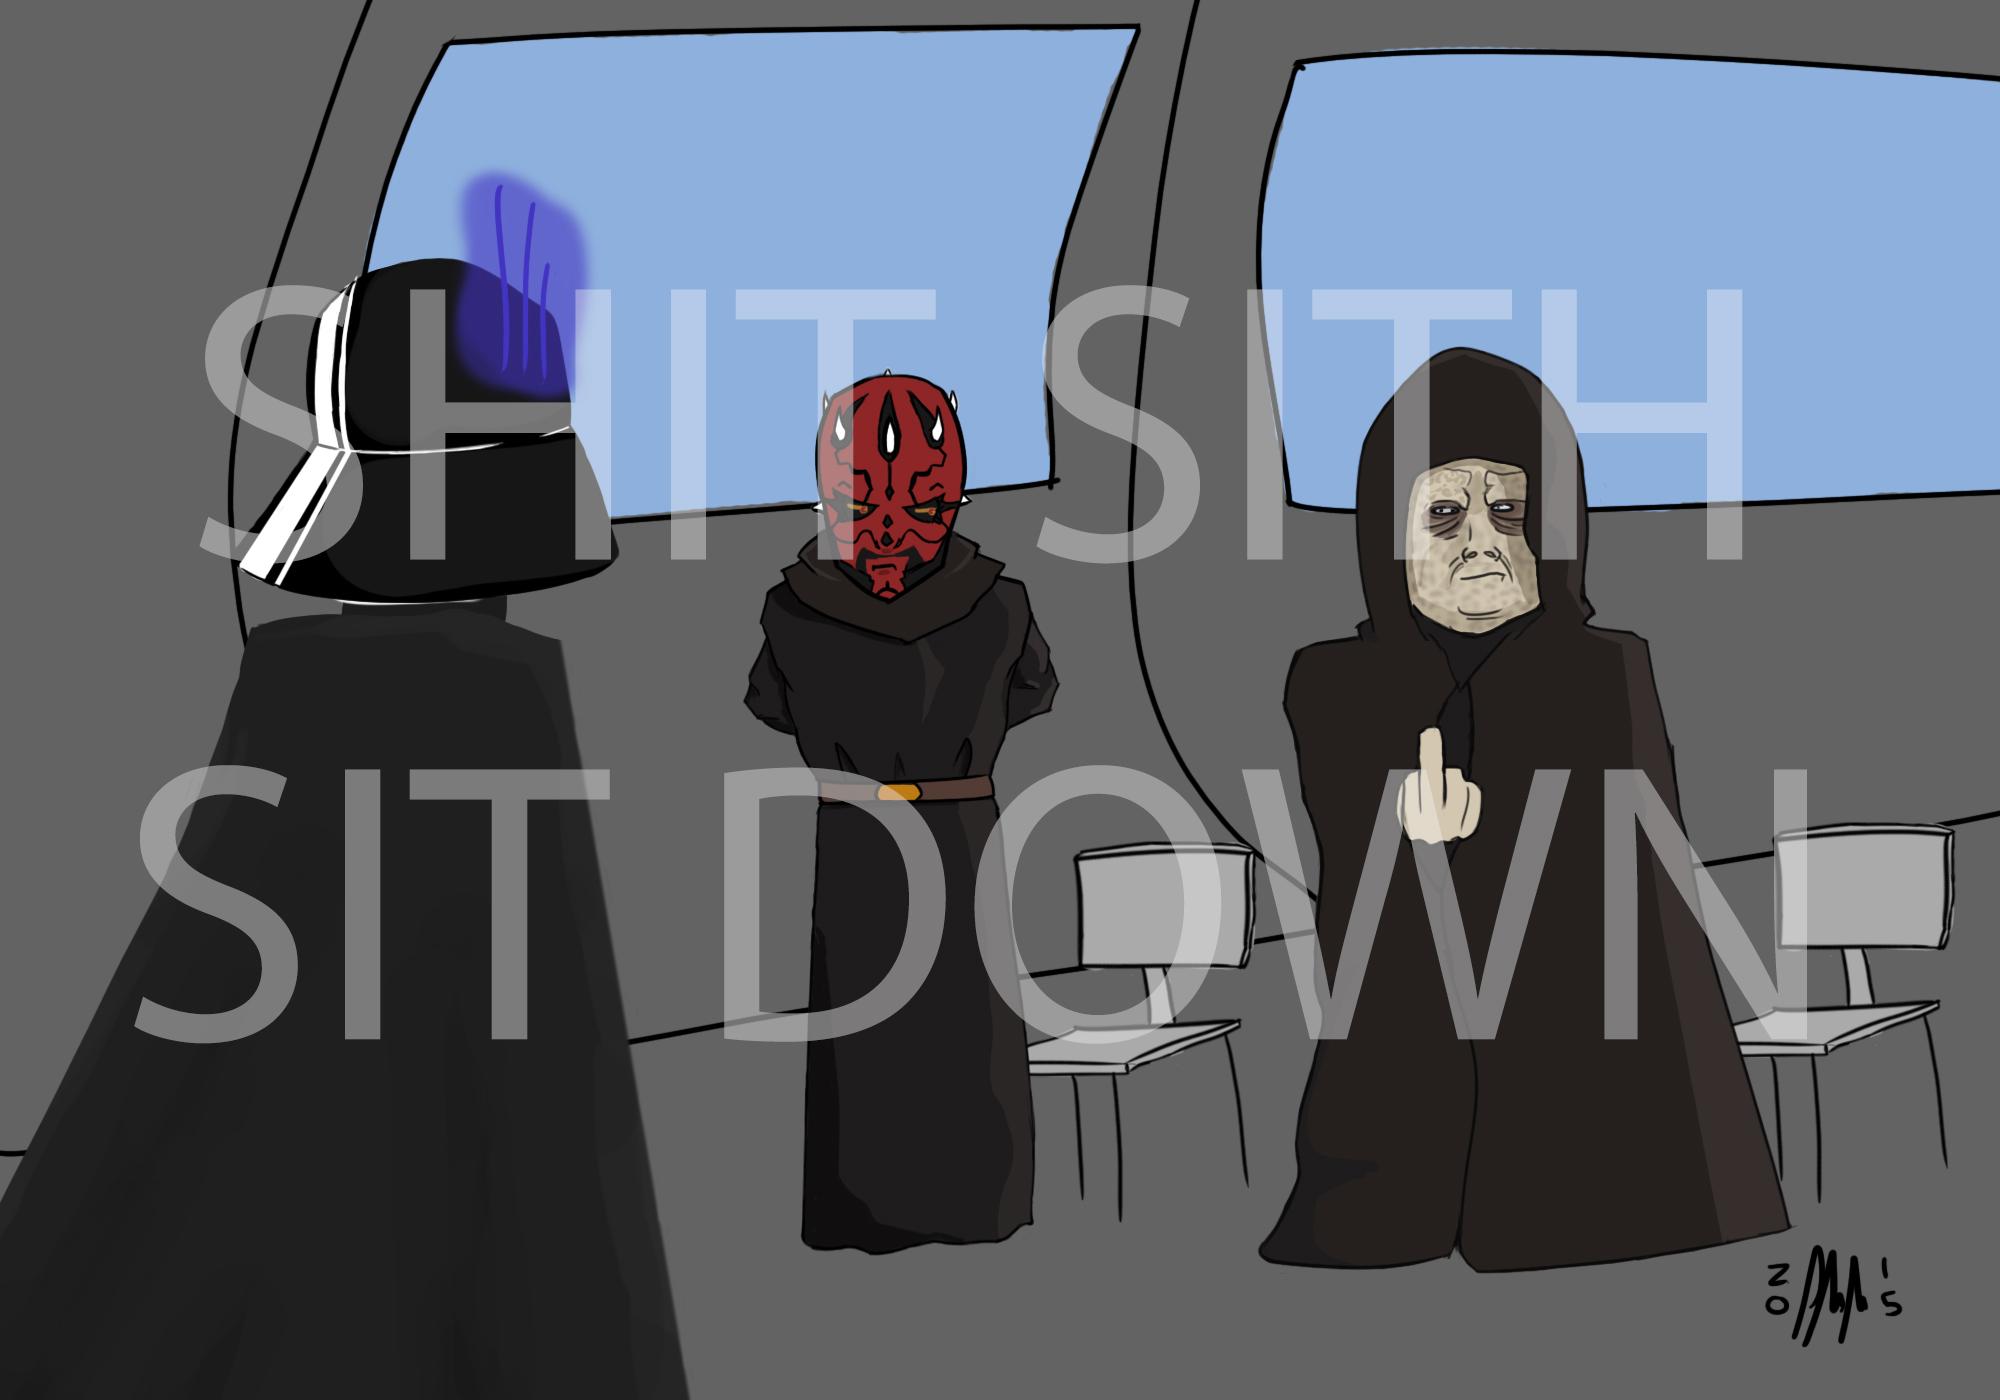 Shit Sith Sit [Down]